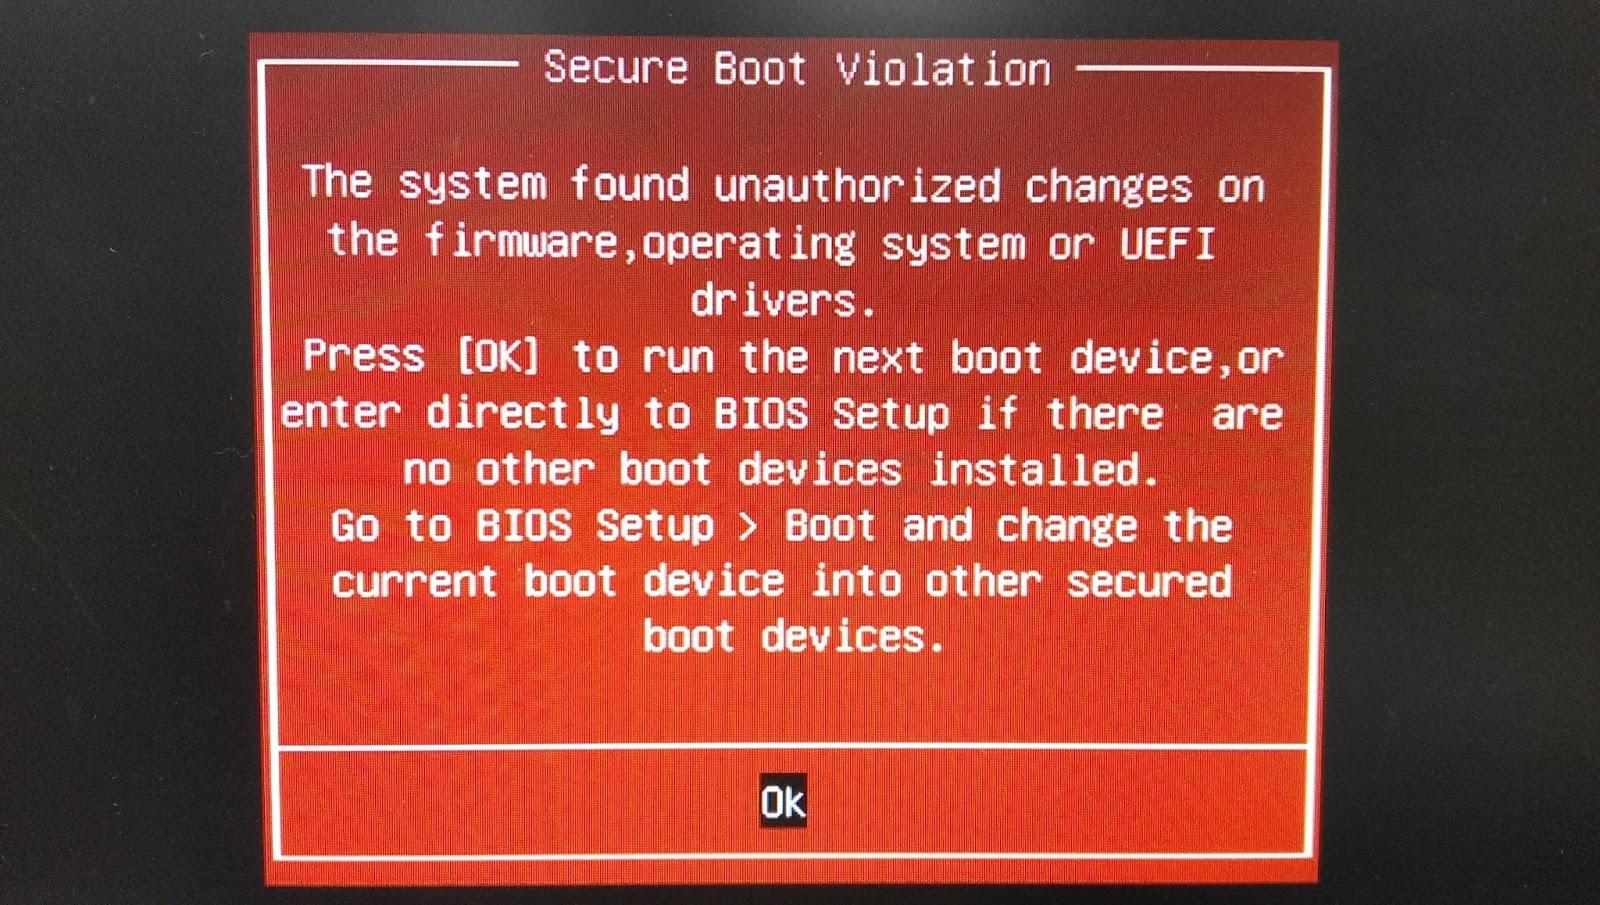 洪小凱的資訊交流站: 重新開機跳出Secure Boot Violation 的錯誤